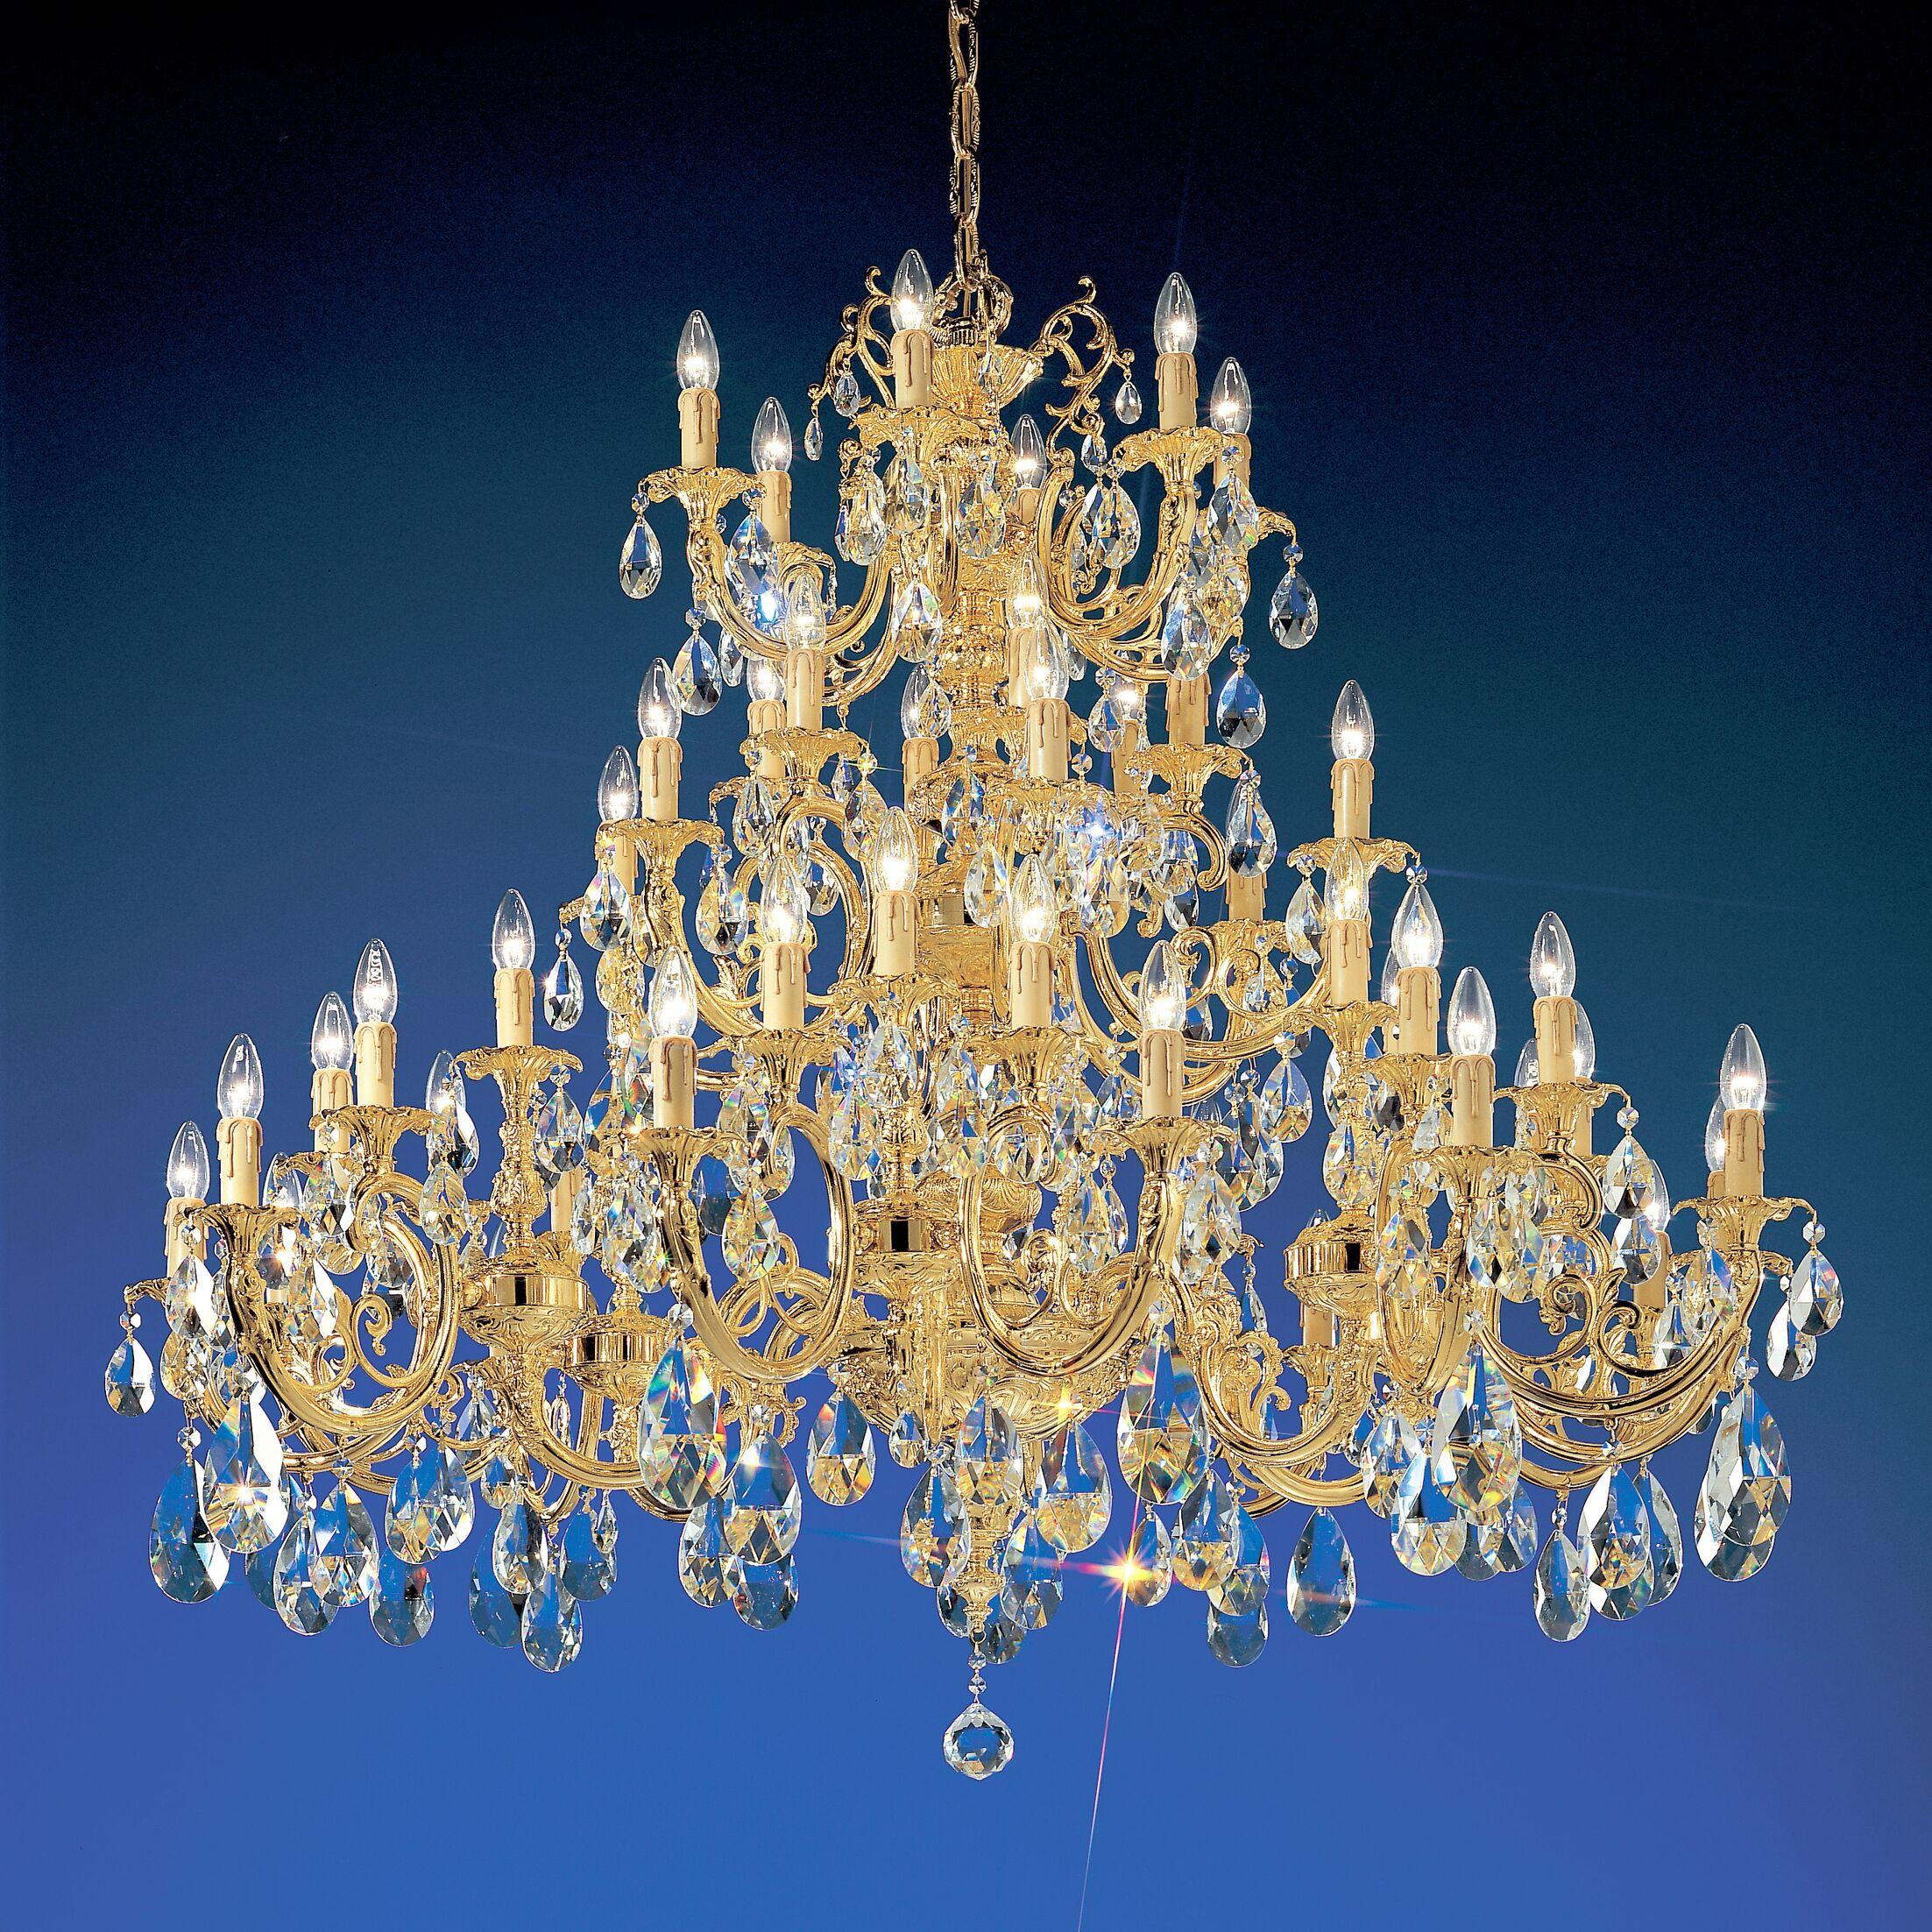 Princeton 48-Light Chandelier Finish: 24K Gold Plate, Crystal Type: Swarovski Spectra